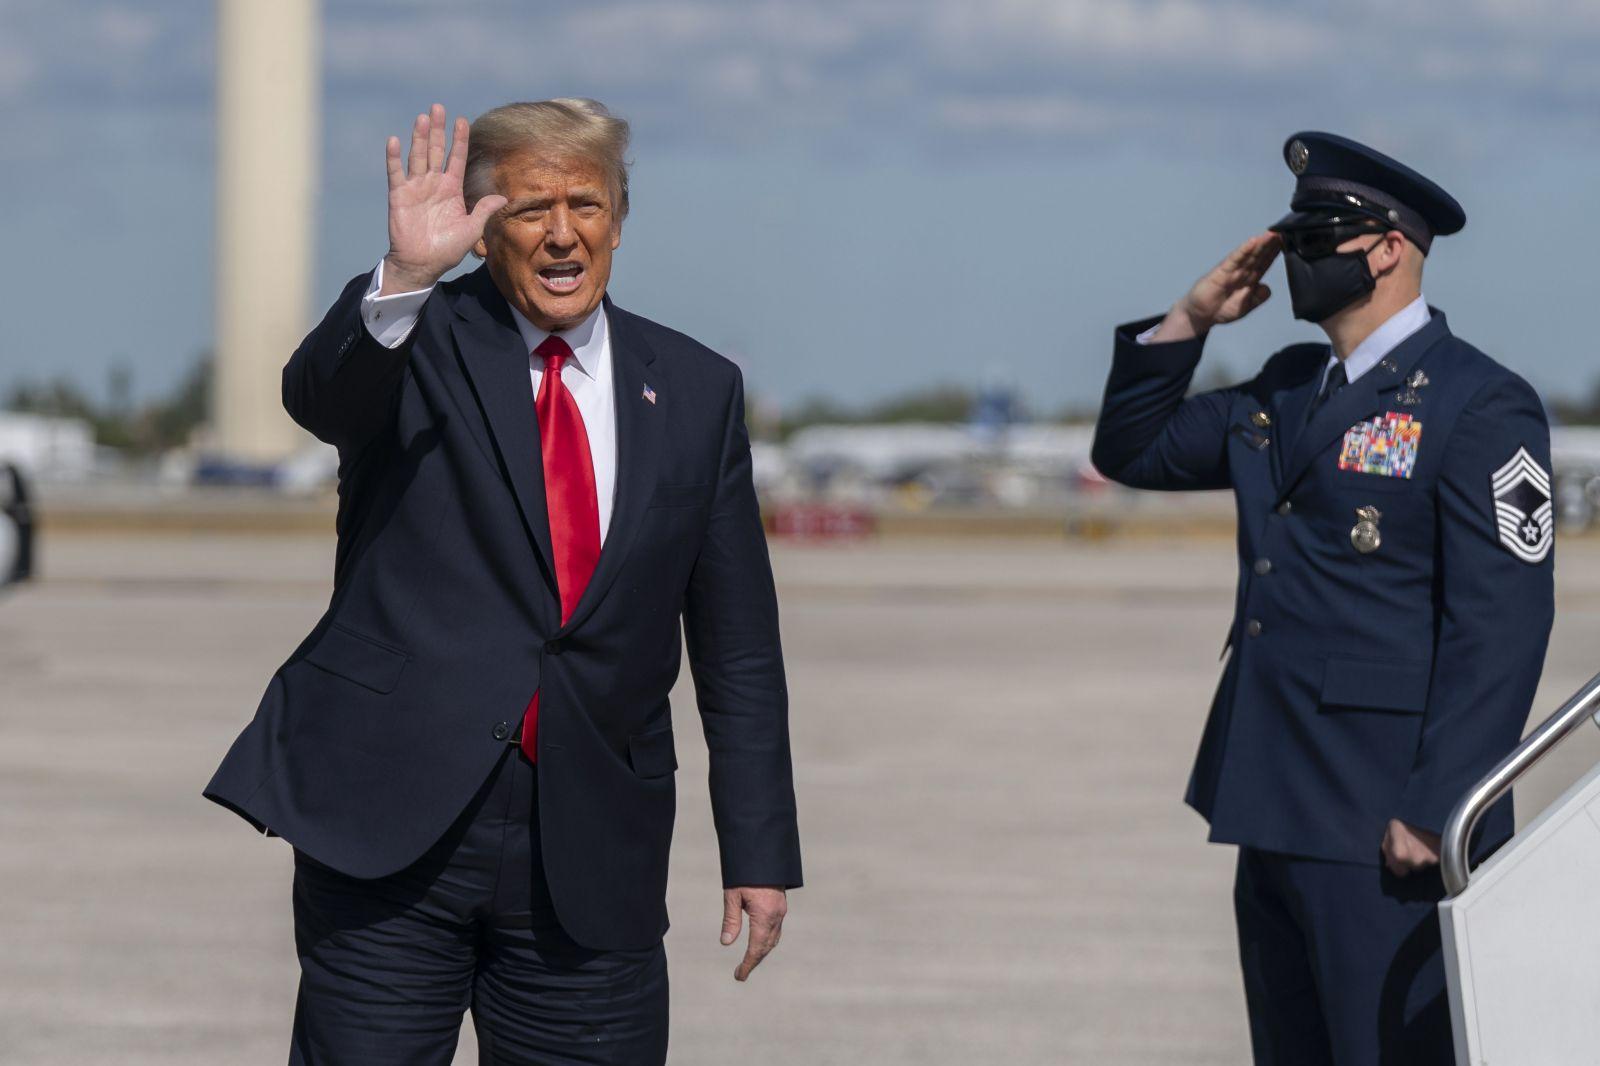 Donald Trump nie je vinný z podnecovania k vzbure, rozhodol americký Senát